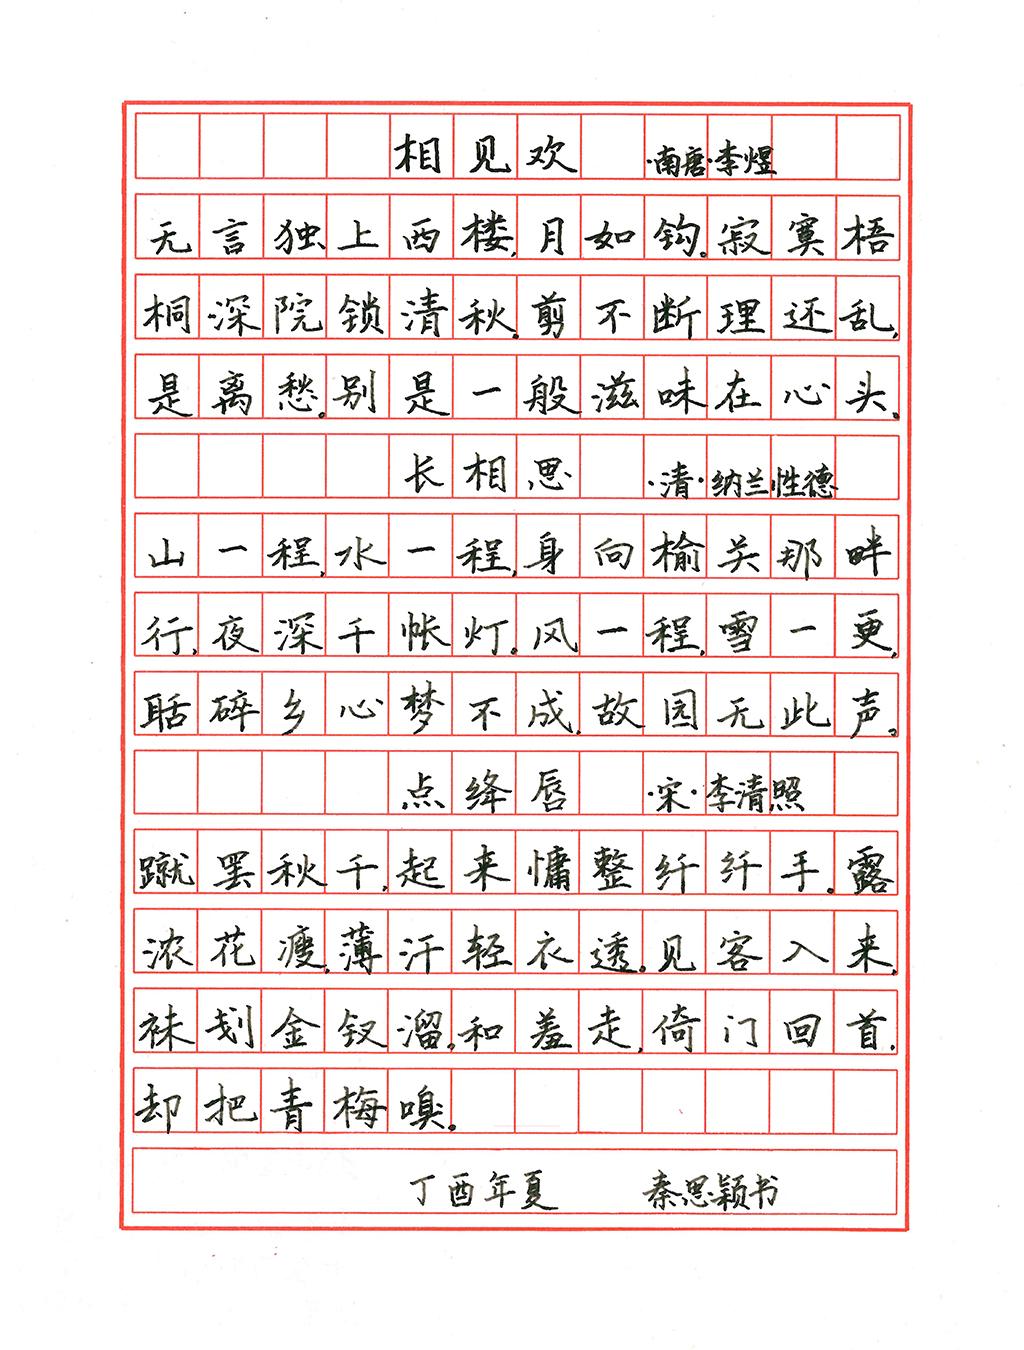 秦思颖 中学组 三等奖